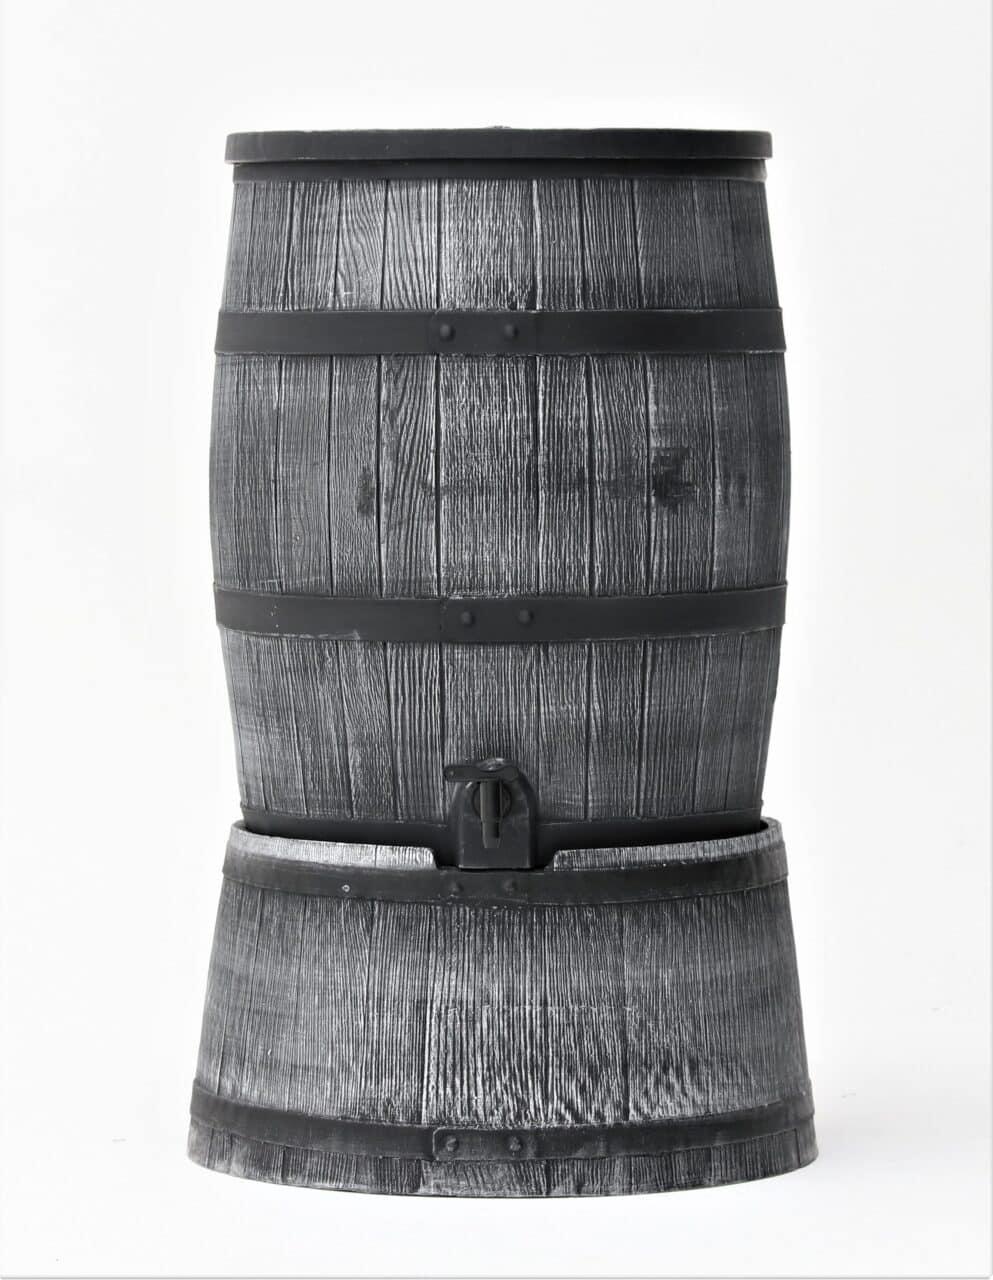 Grijze houtlook regenton op voet 120 liter